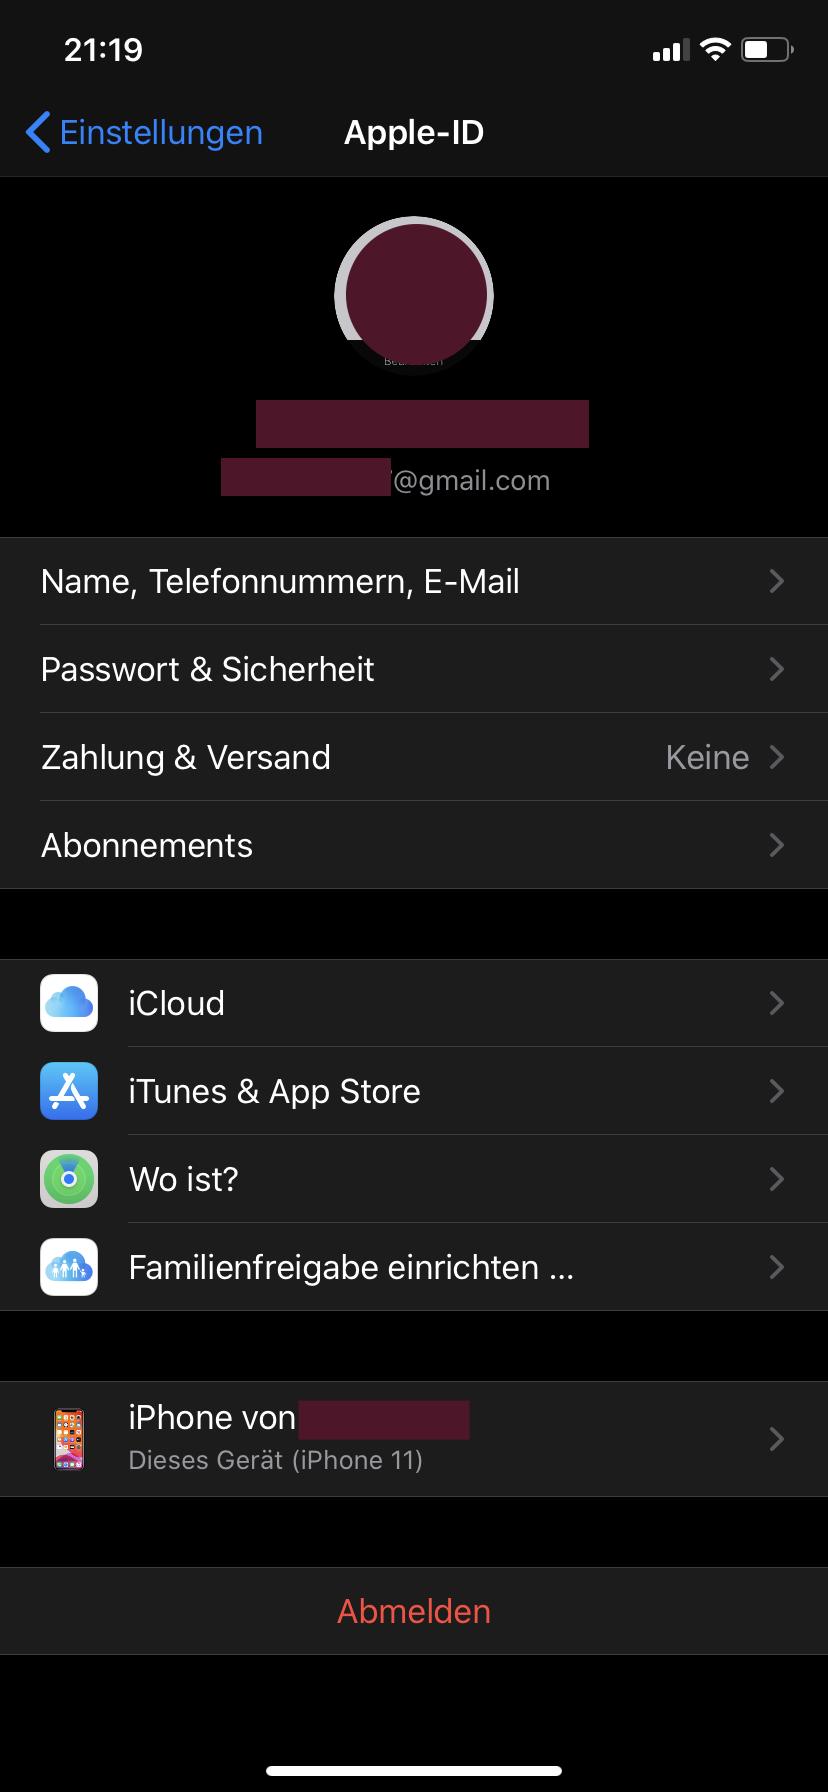 Wie ändere ich mein Apple-ID Profilbild? - Apple Community